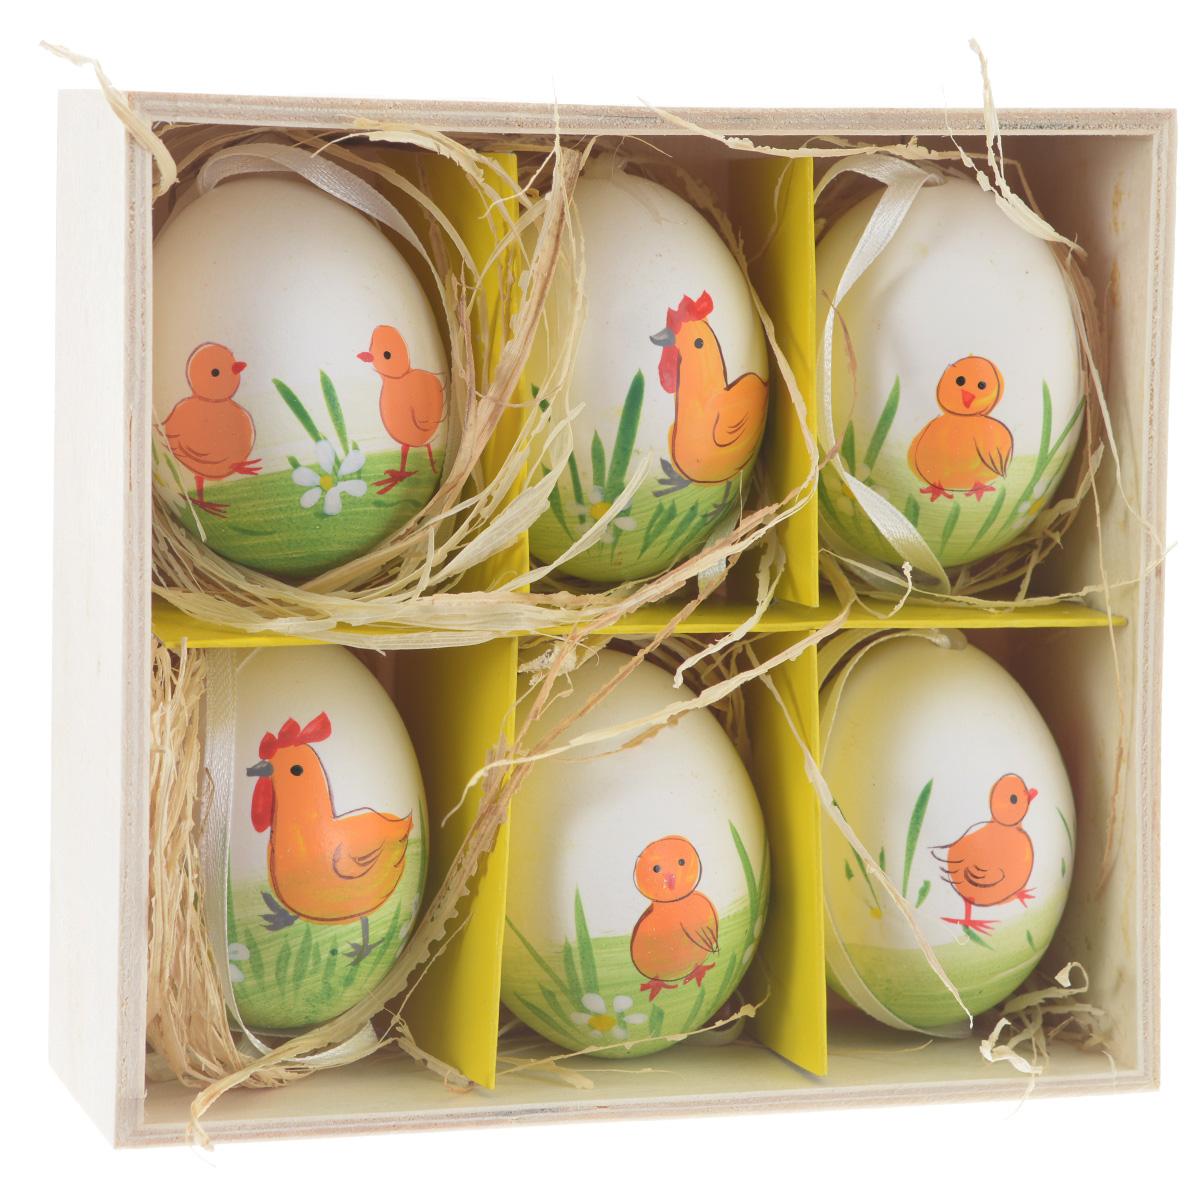 Декоративные подвесные пасхальные яйца Феникс-презент, 6 шт. 3690236902Декоративные подвесные пасхальные яйца Феникс-презент отлично подойдут для декорации вашего дома к Пасхе. Изделия выполнены из натуральной скорлупы куриного яйца и декорированы изображением цыплят и курочек. Украшения оснащены специальными текстильными петельками для подвешивания. В комплекте - 6 пасхальных яиц, которые располагаются в деревянном ящике с подложкой из лыко. Яйцо - это главный символ Пасхи, который означает для христиан новую жизнь и возрождение. Создайте в своем доме атмосферу праздника, украшая его декоративными пасхальными яйцами. Материал: скорлупа куриного яйца, текстиль, лыко. Размер яйца: 4 см х 4 см х 5,5 см.